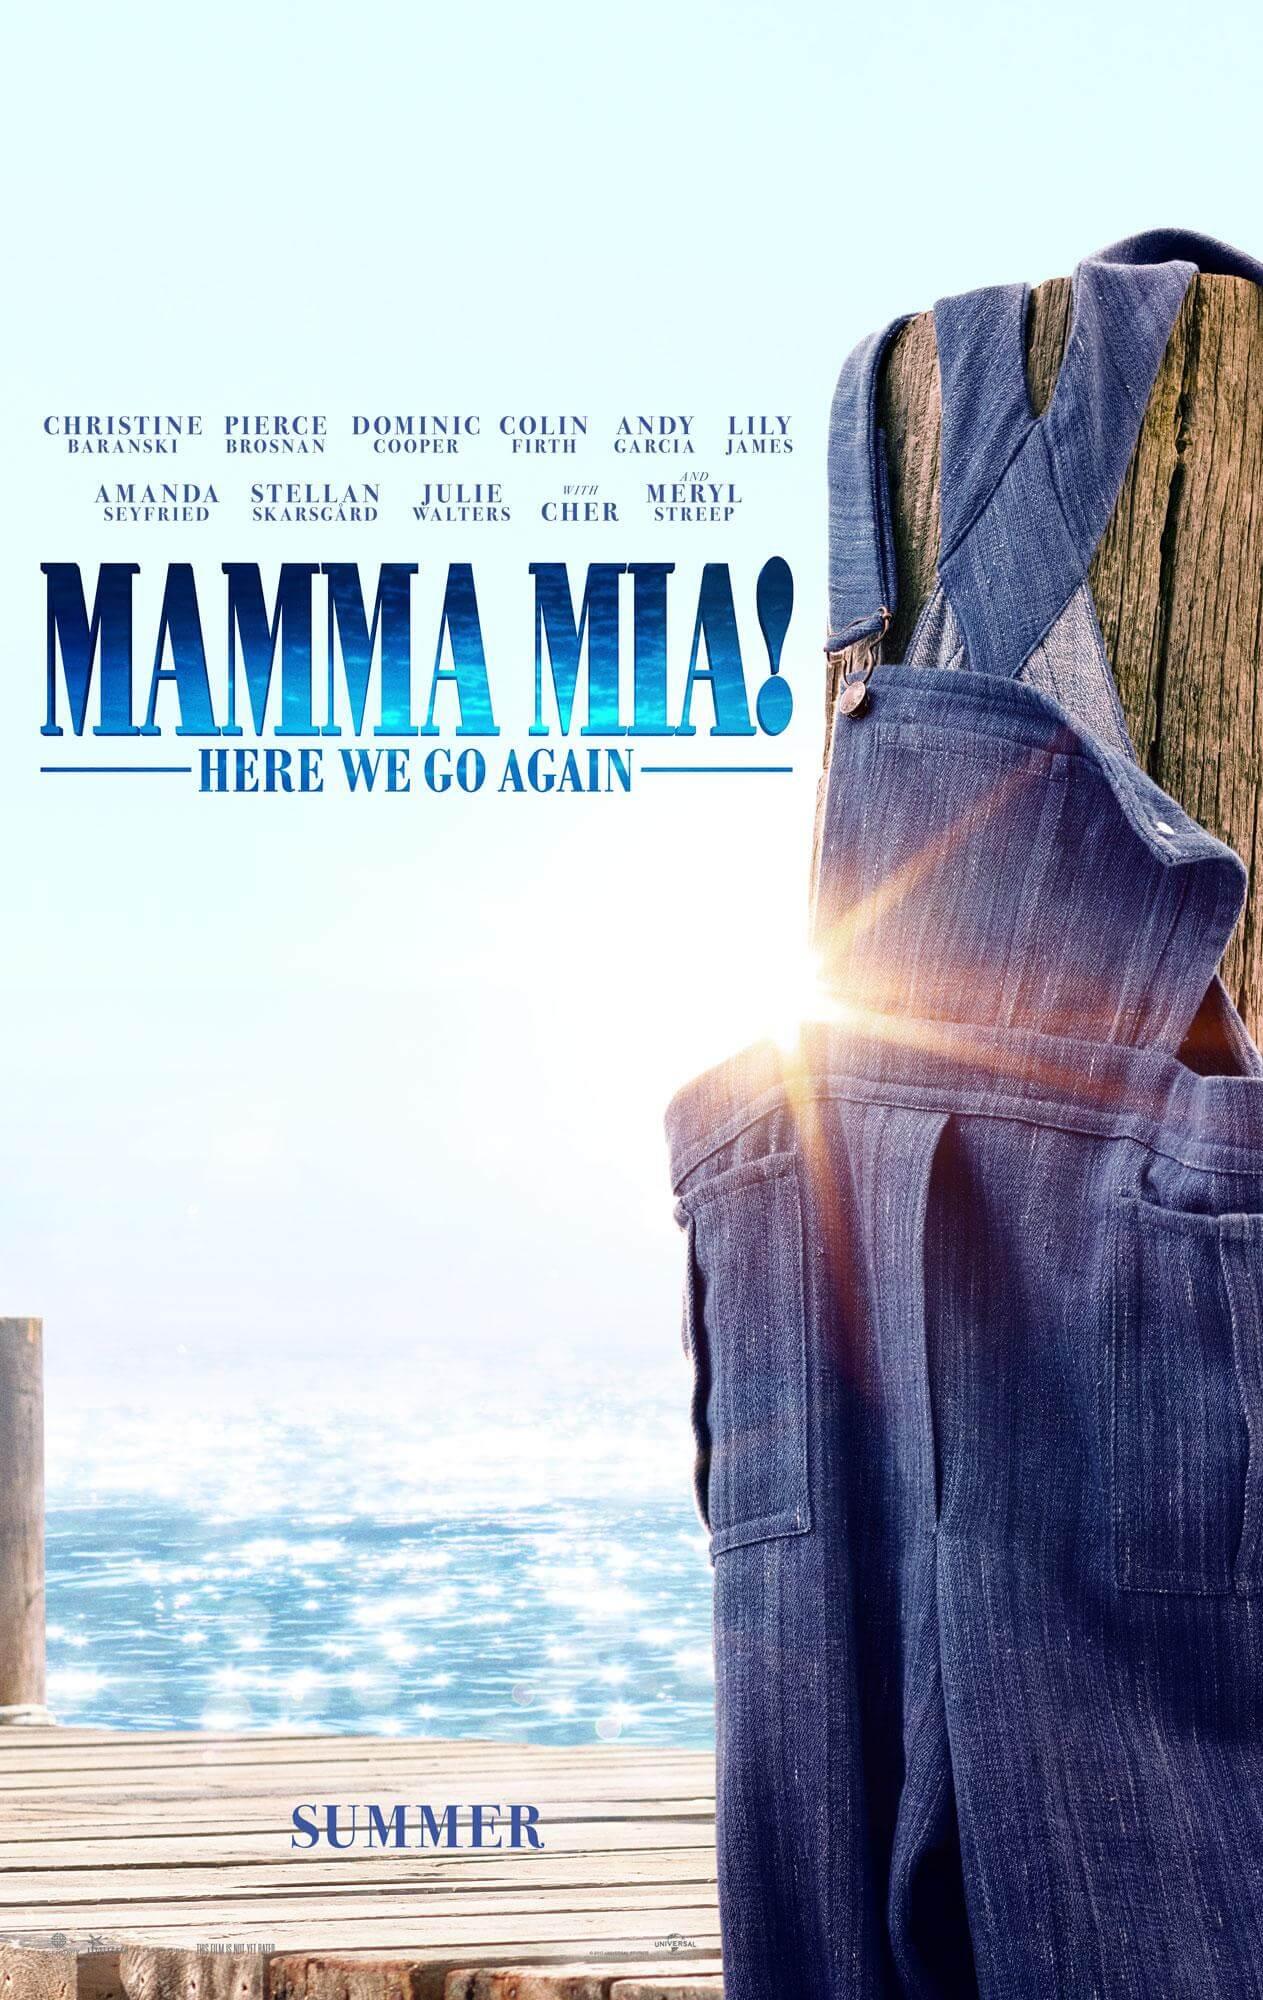 Mamma Mia! Here We Go Again - Poster 2